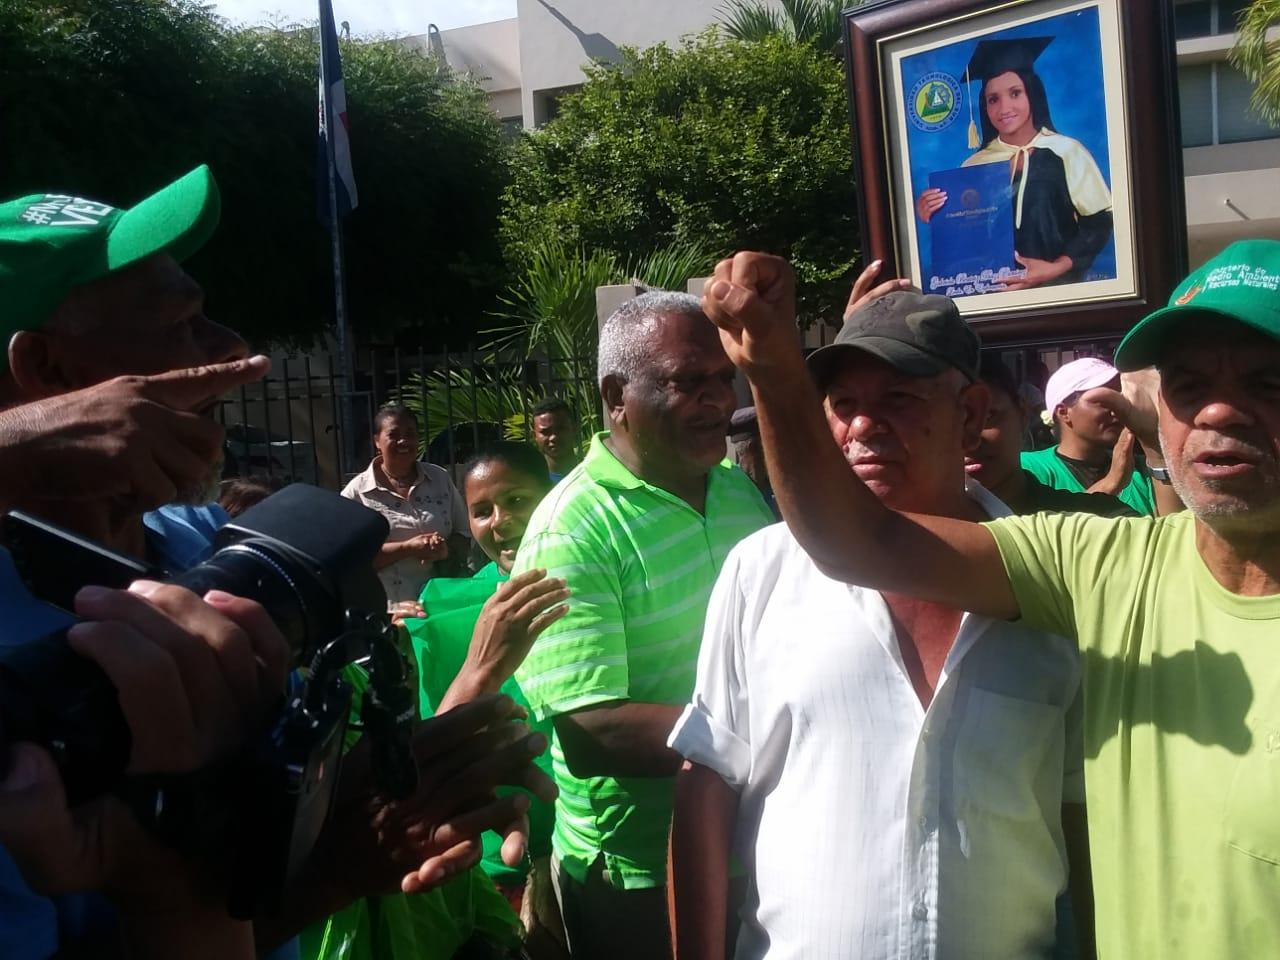 Marcha Verde en Azua exigen sean llevados todos los corruptos a la cárcel